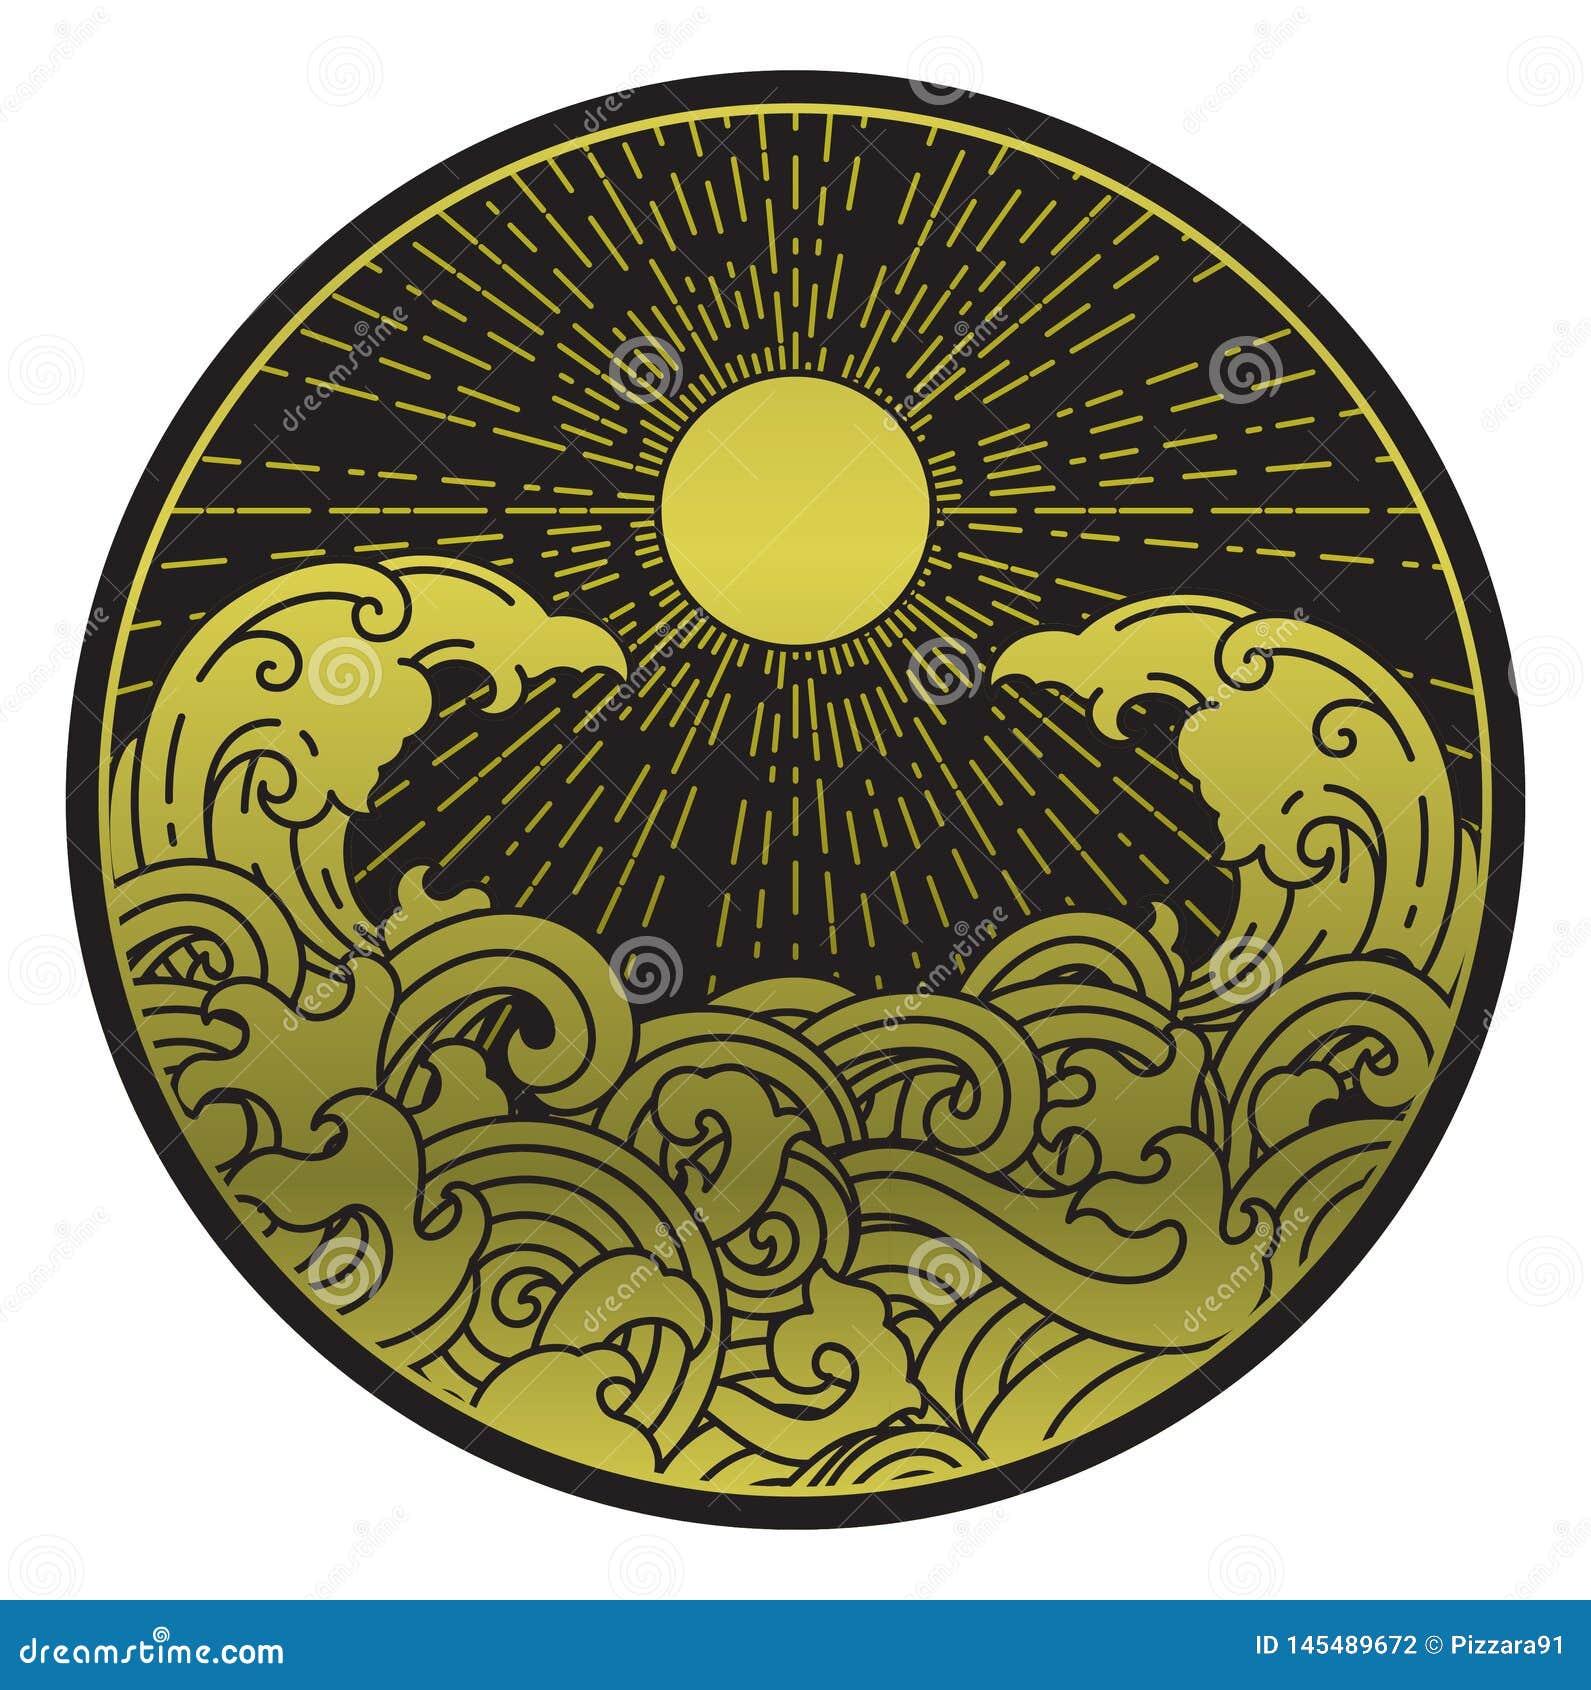 Sonnenschein- und Wasserwelle in der runden Form